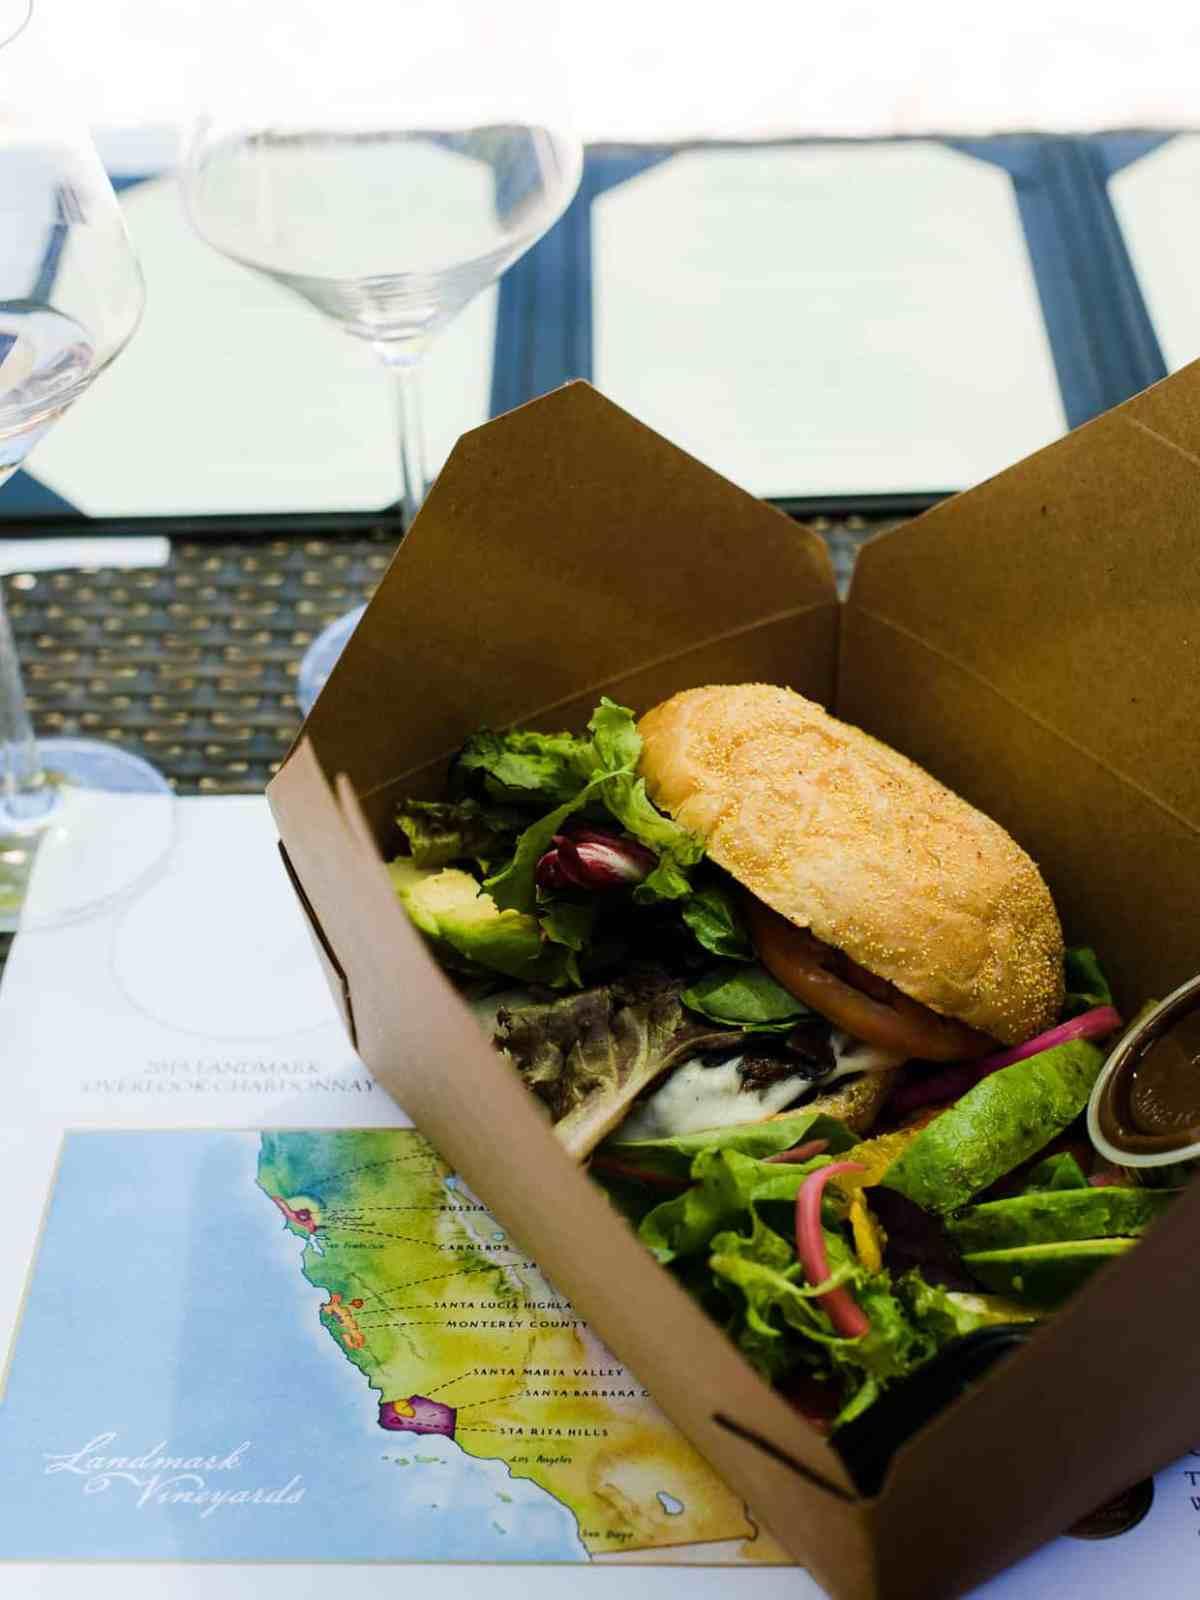 A portobello mushroom burger in a cardboard takeout box.